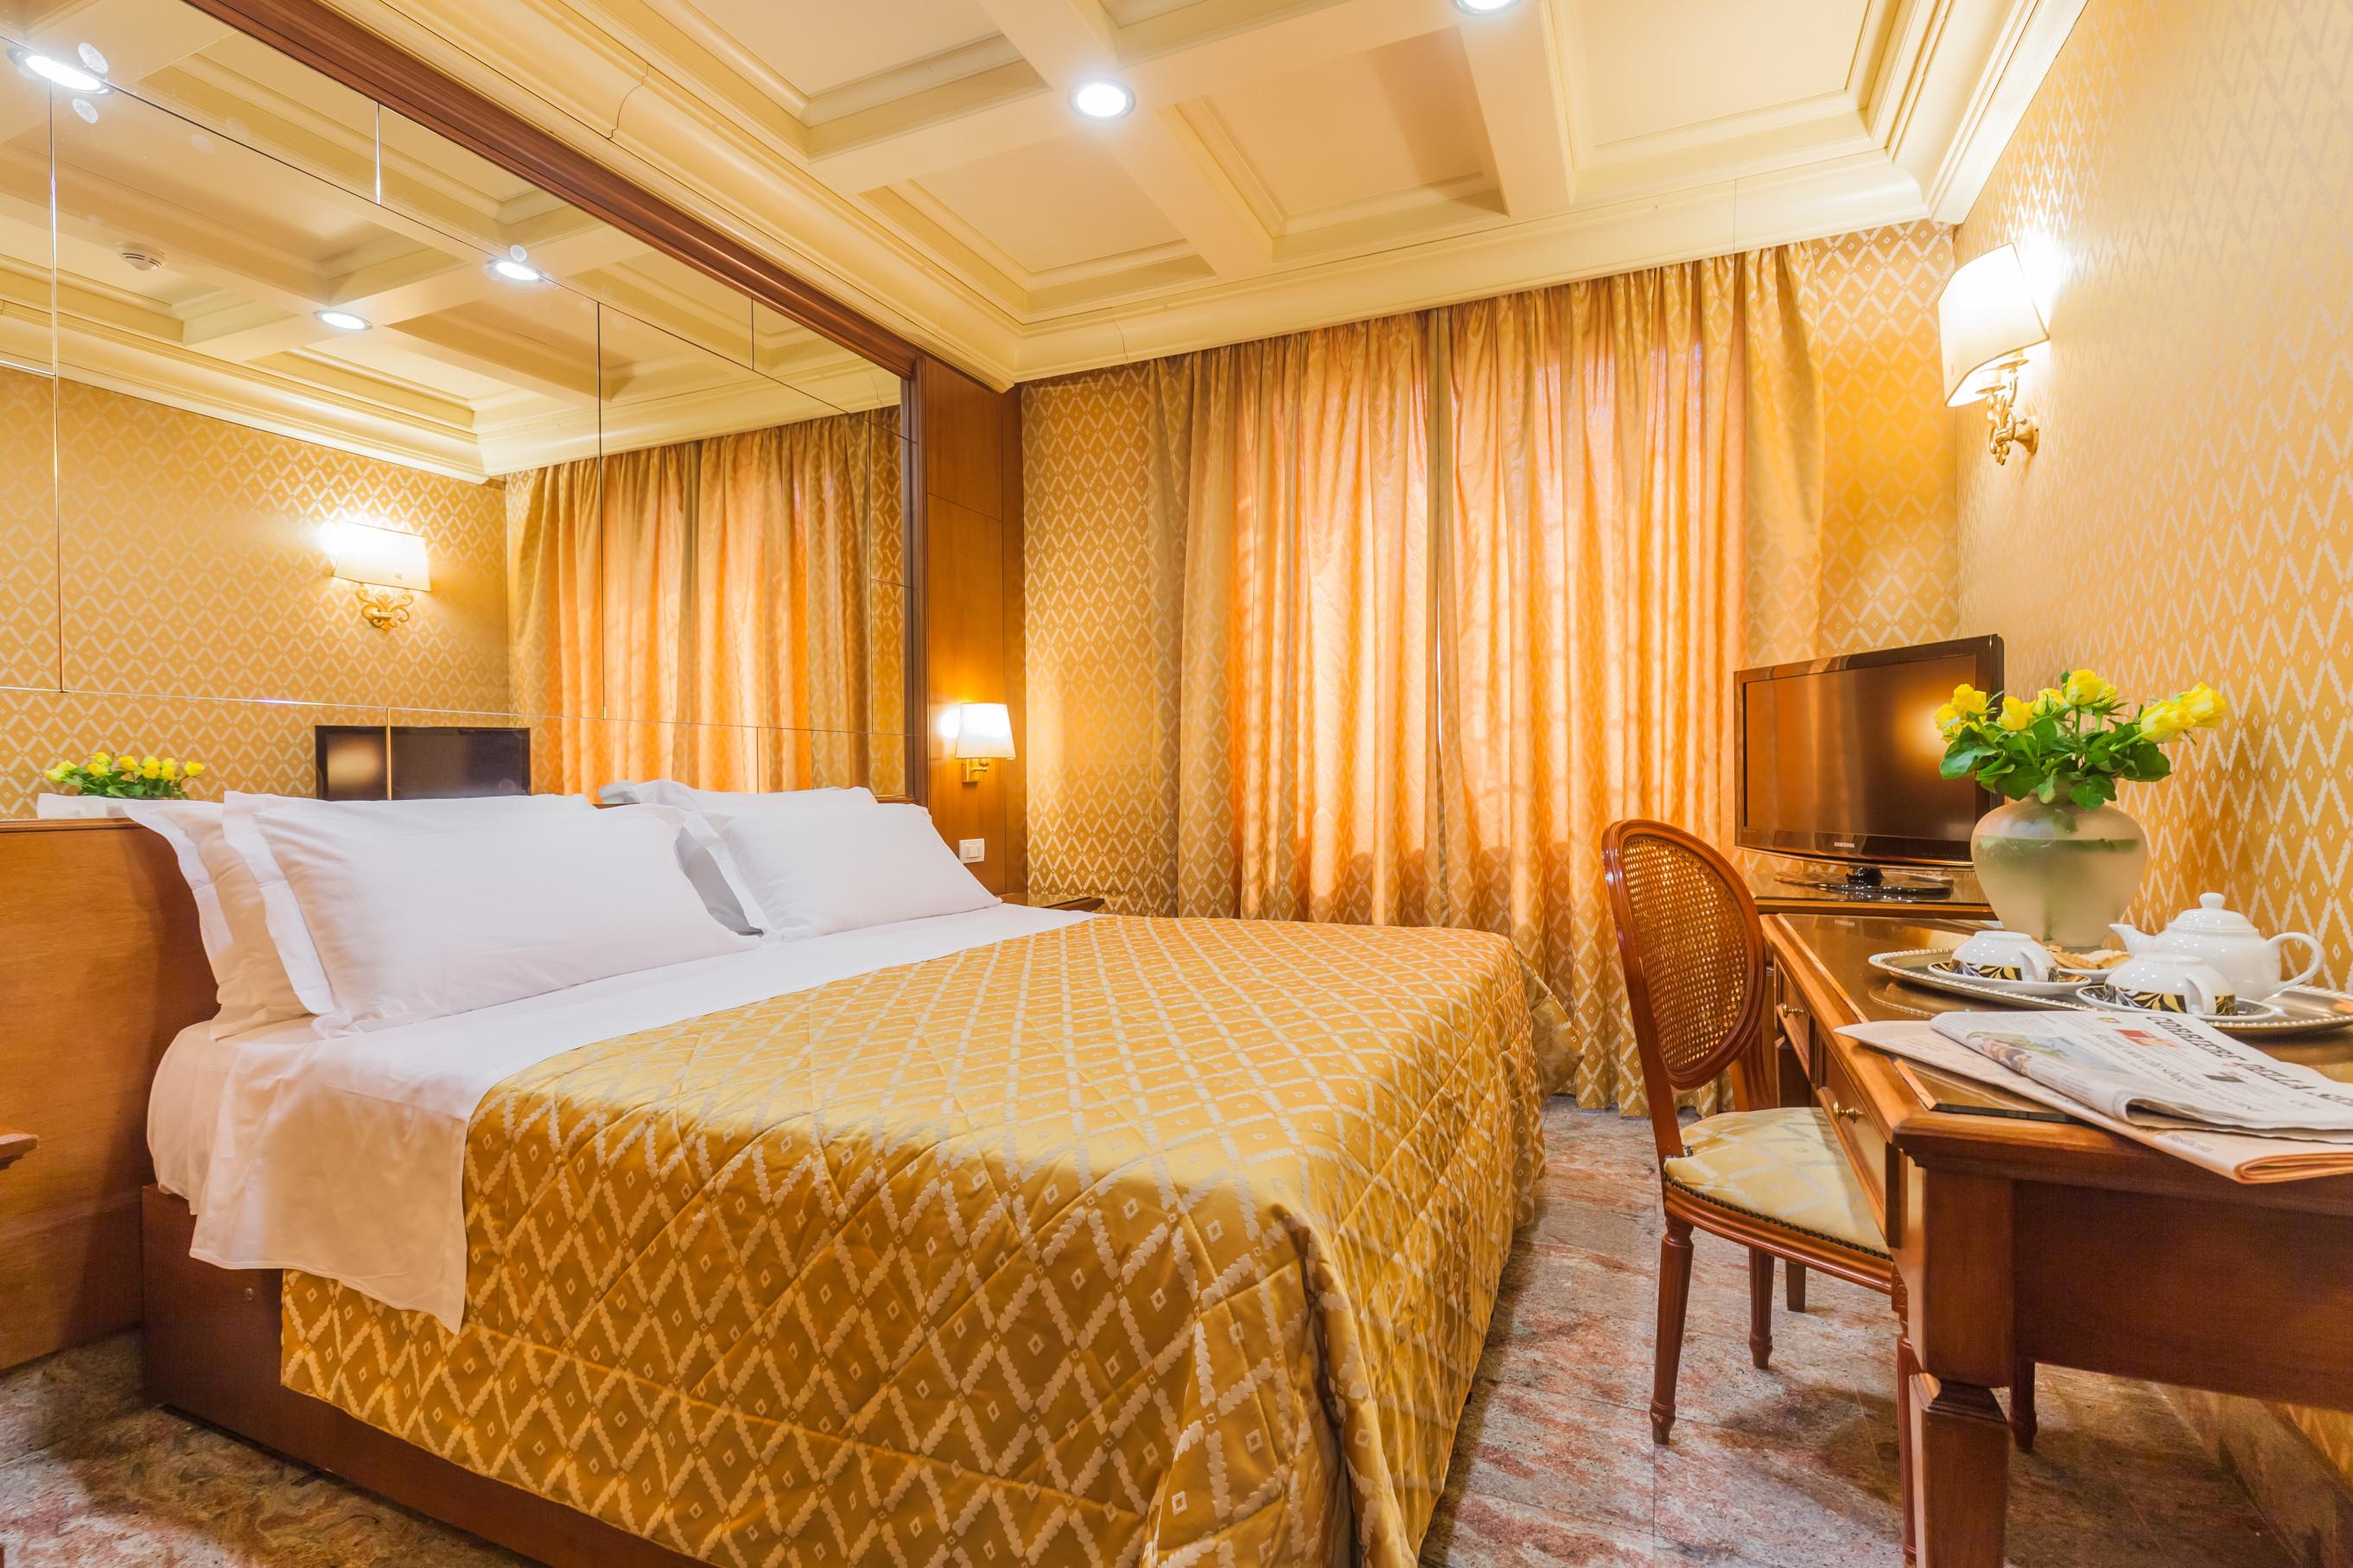 HotelHotel Madison